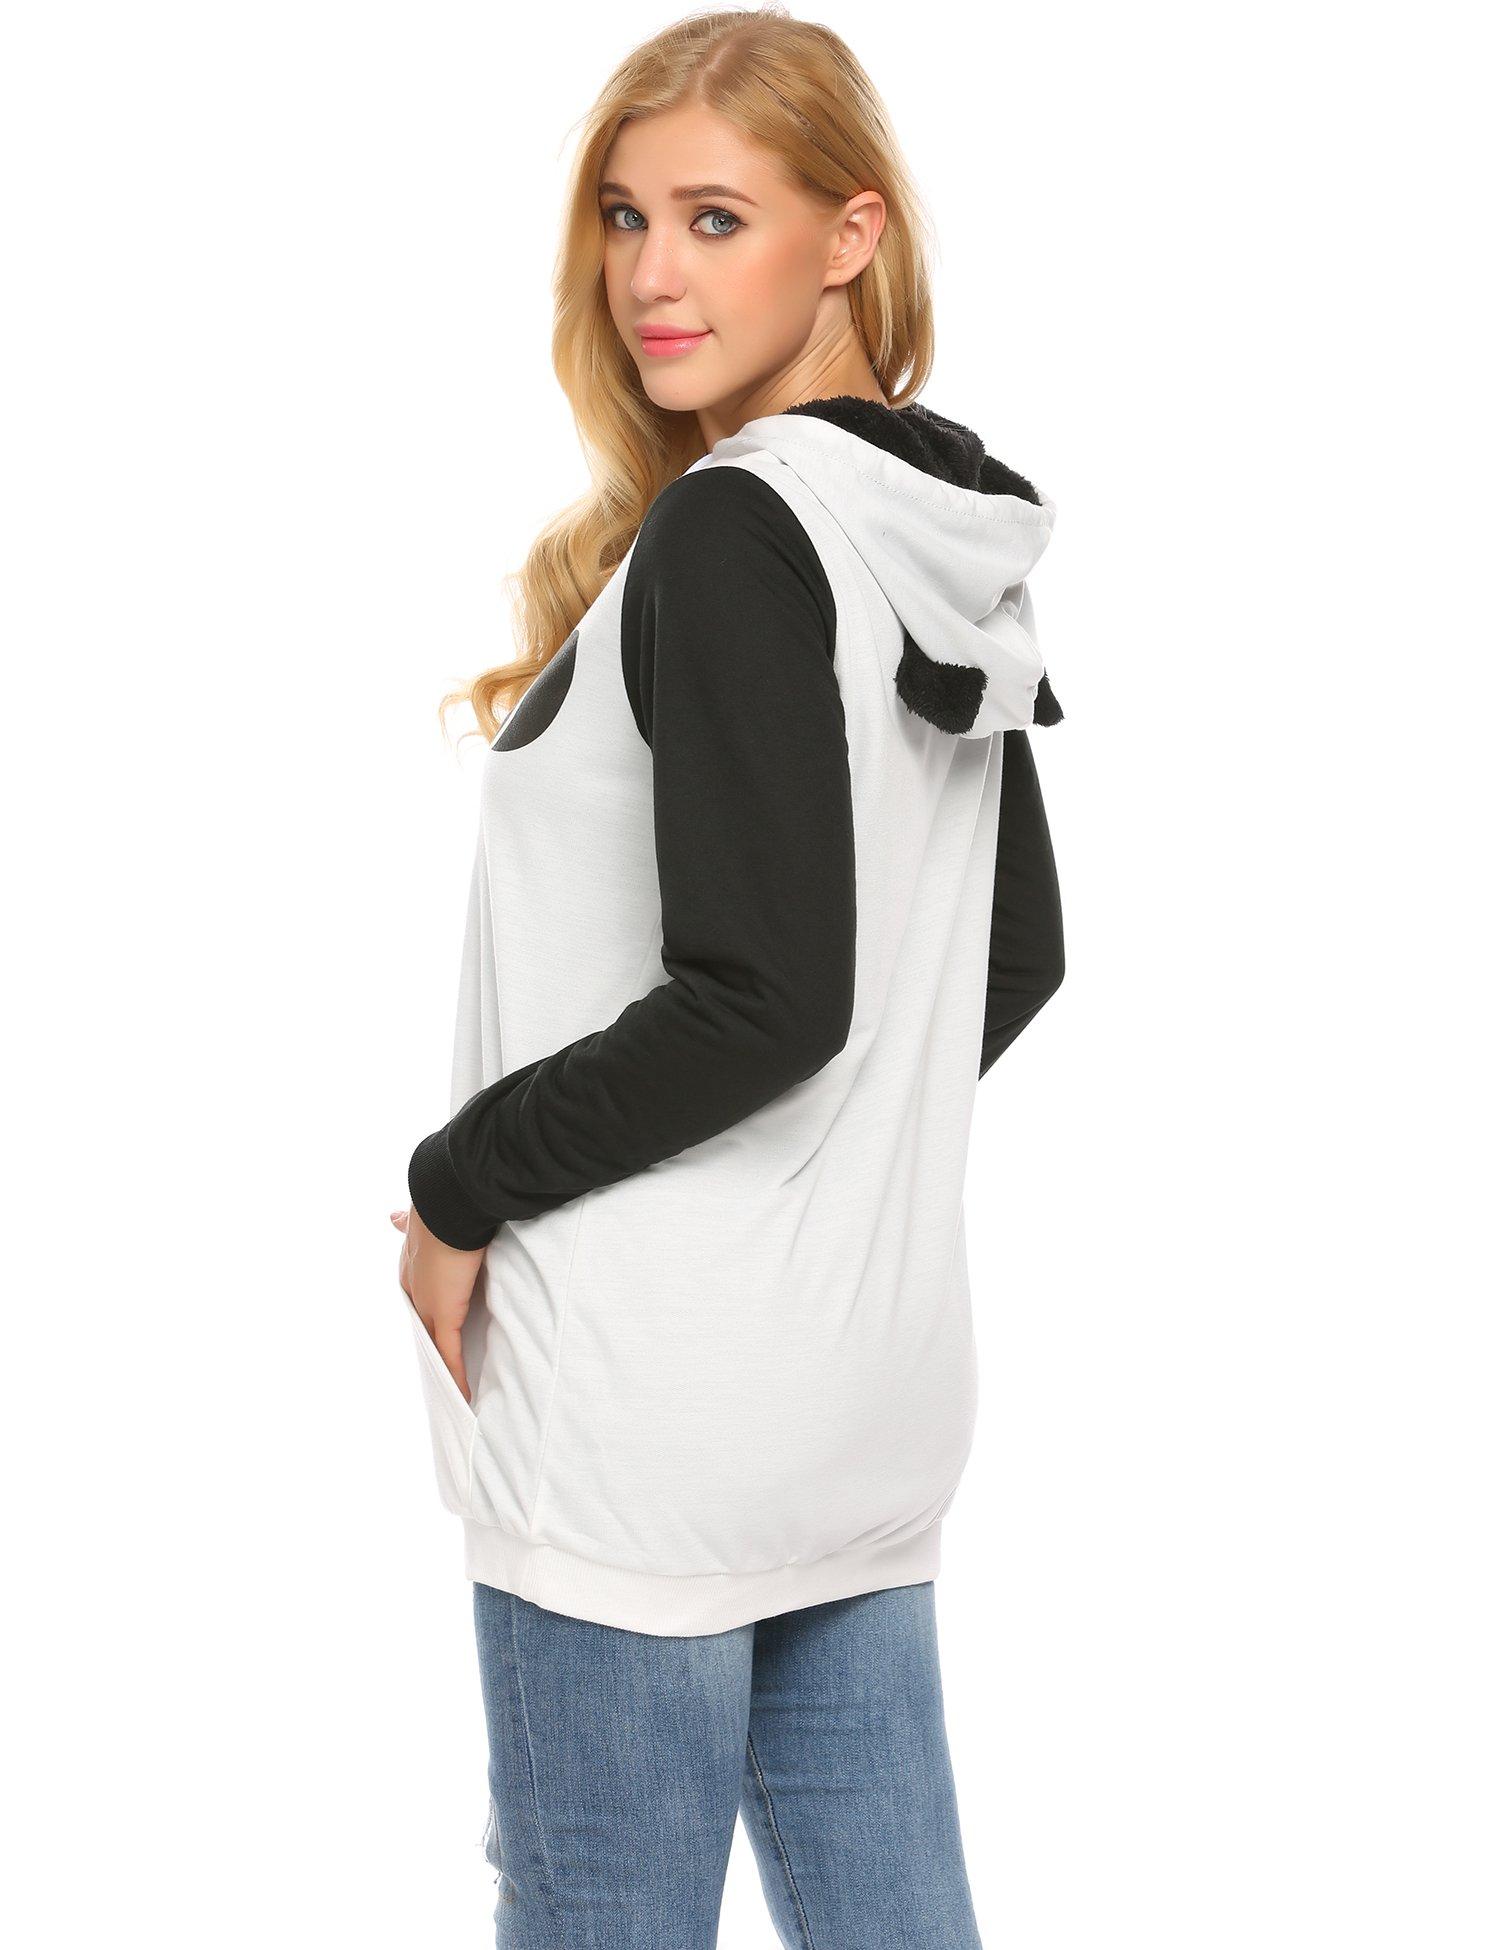 Zeagoo Women's Loose Fit Pullover Hoodie Sweatshirt with Kangaroo Pocket,White,M by Zeagoo (Image #4)